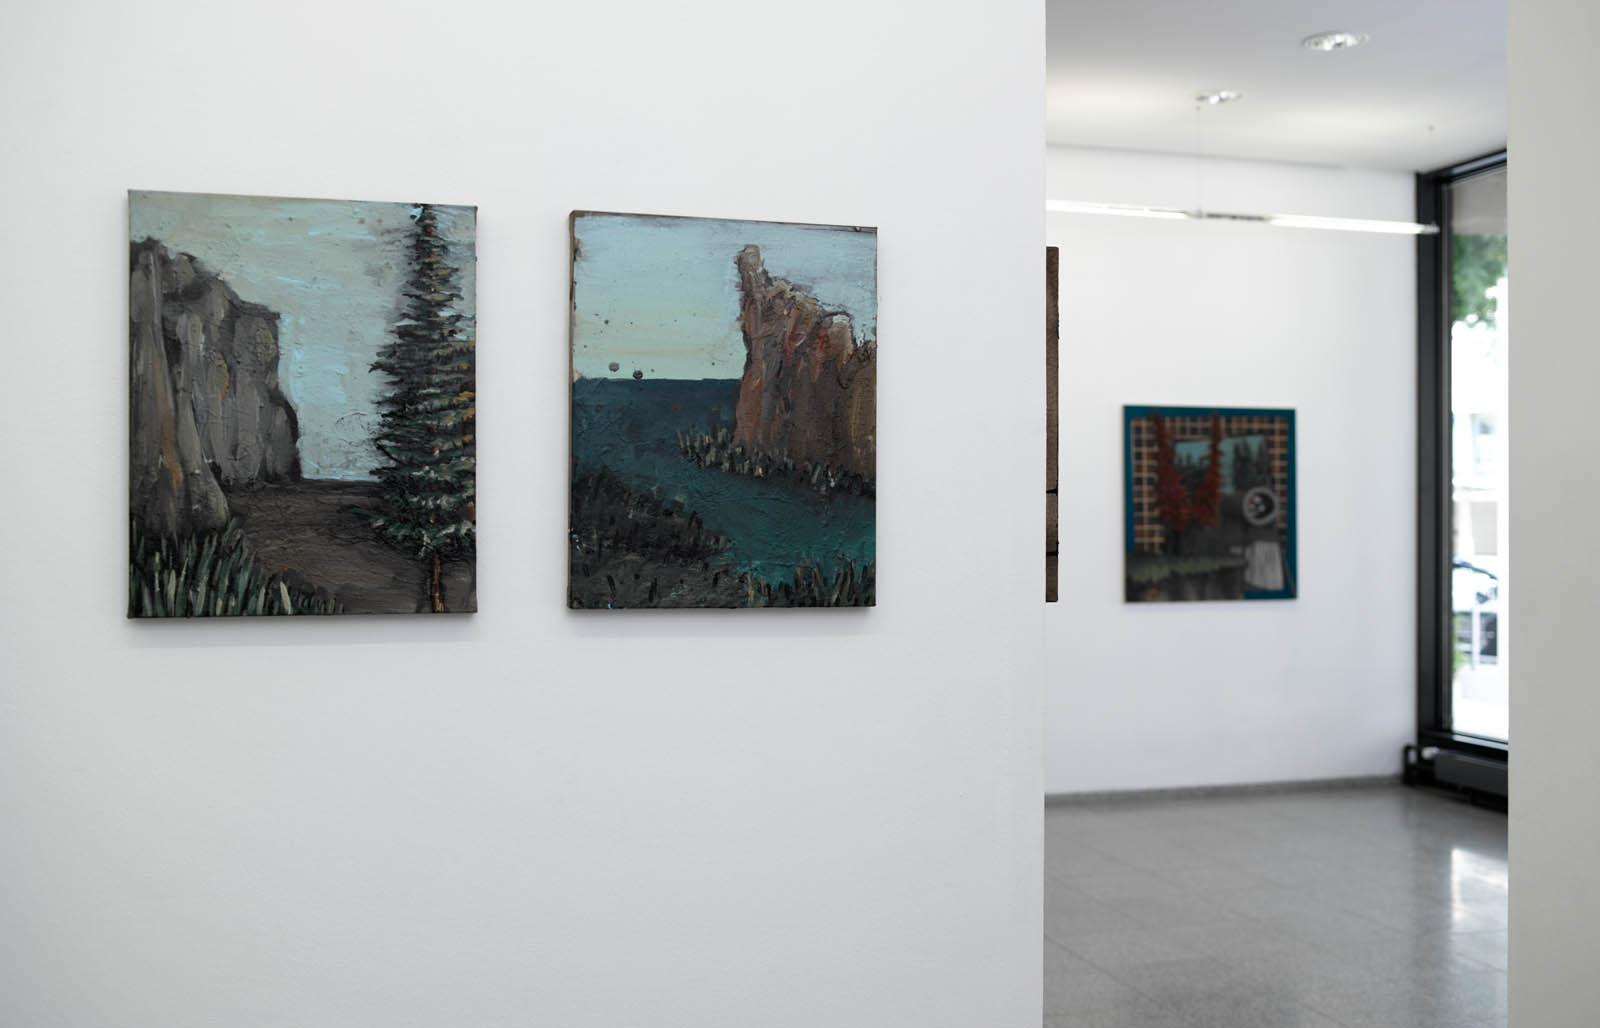 Timo Ausstellung 00110 - Timo Meyer: ein Künstler und seine Kunst